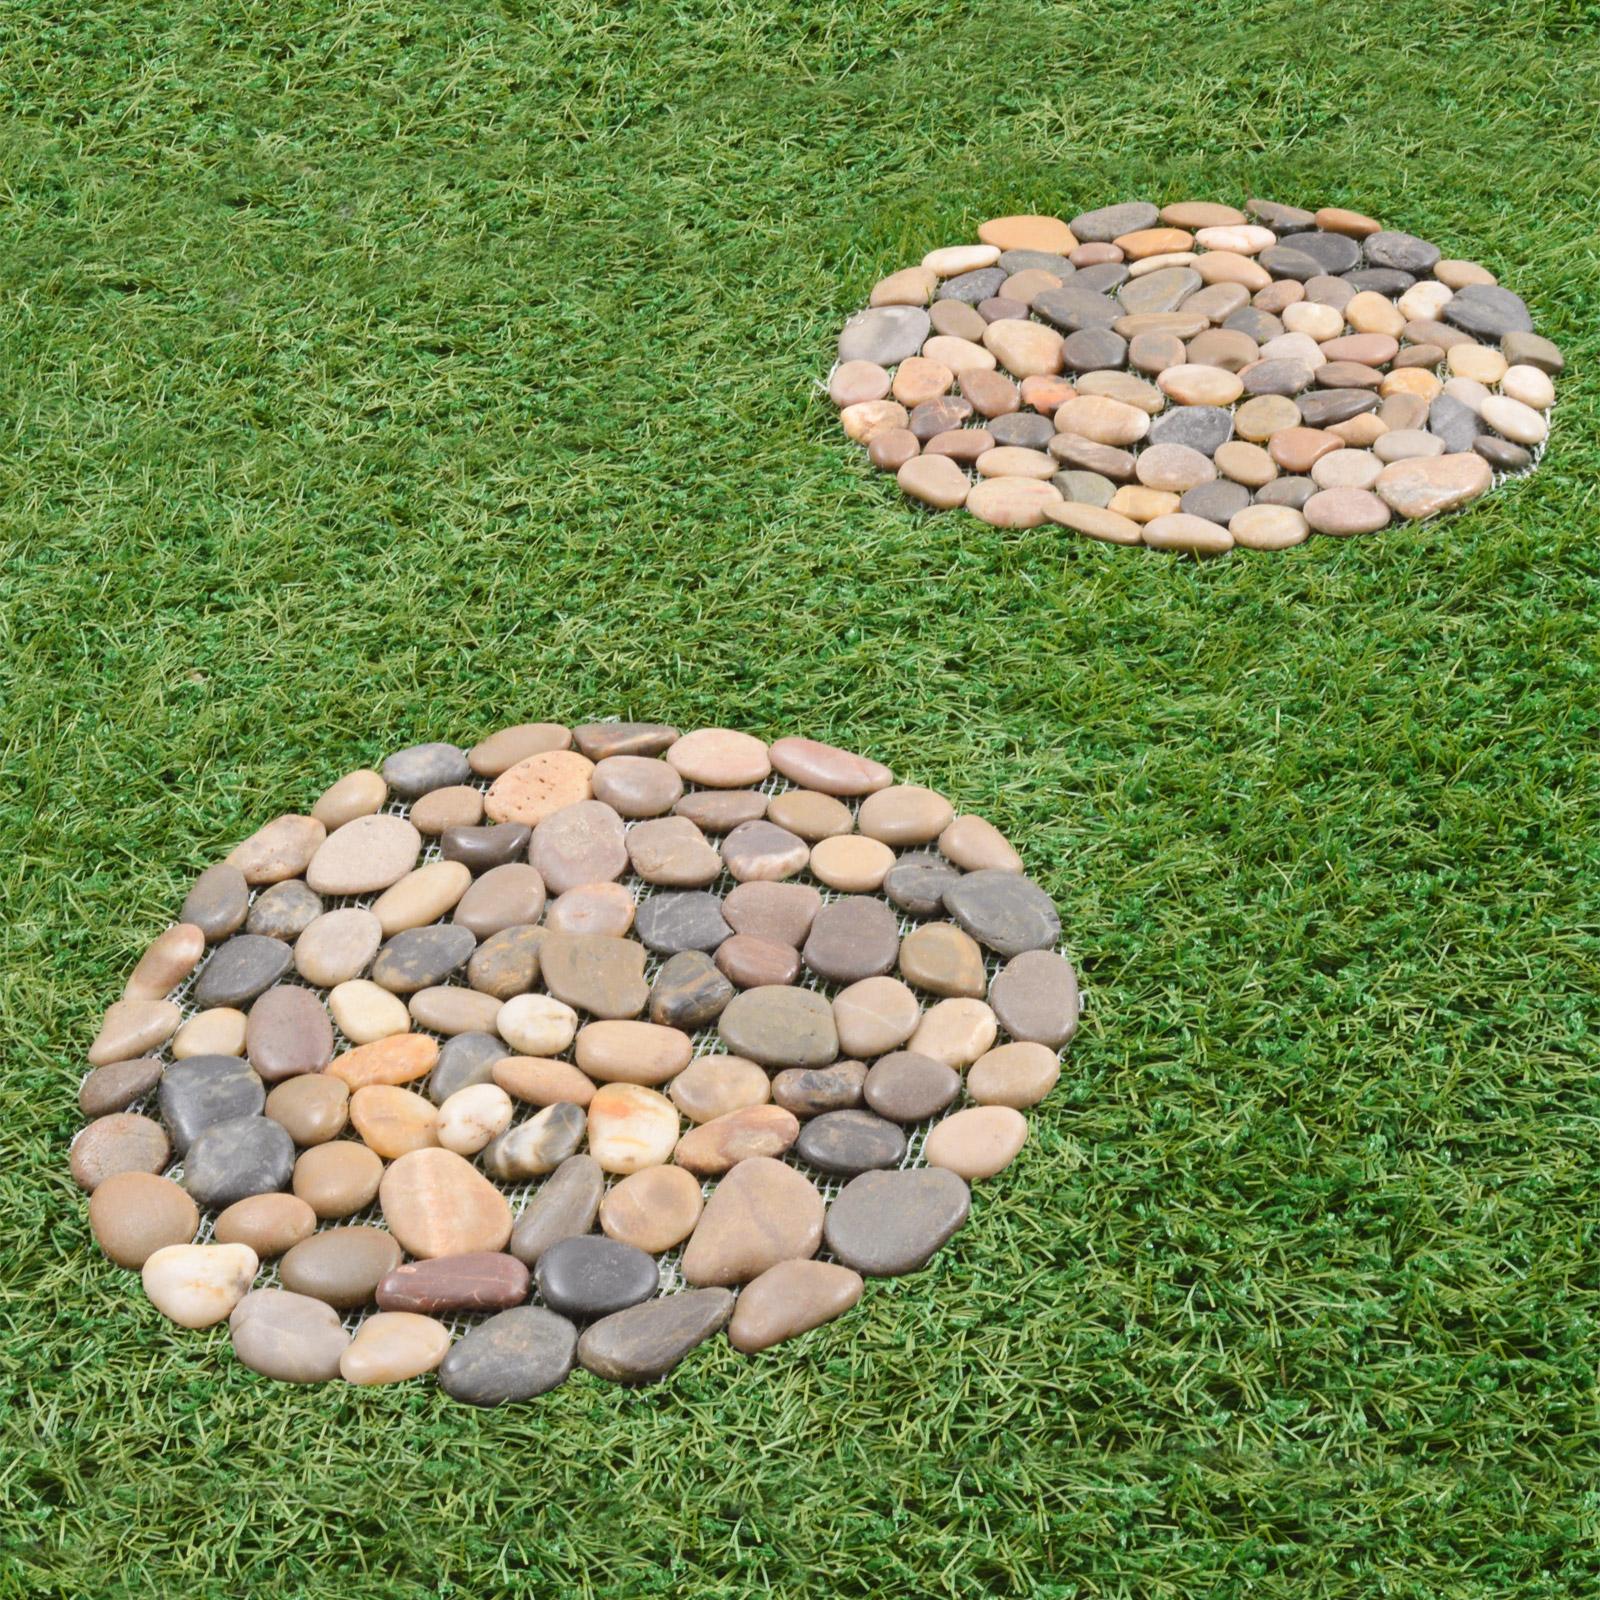 2 X Pebble Stepping Stones Round Circular Garden Rock